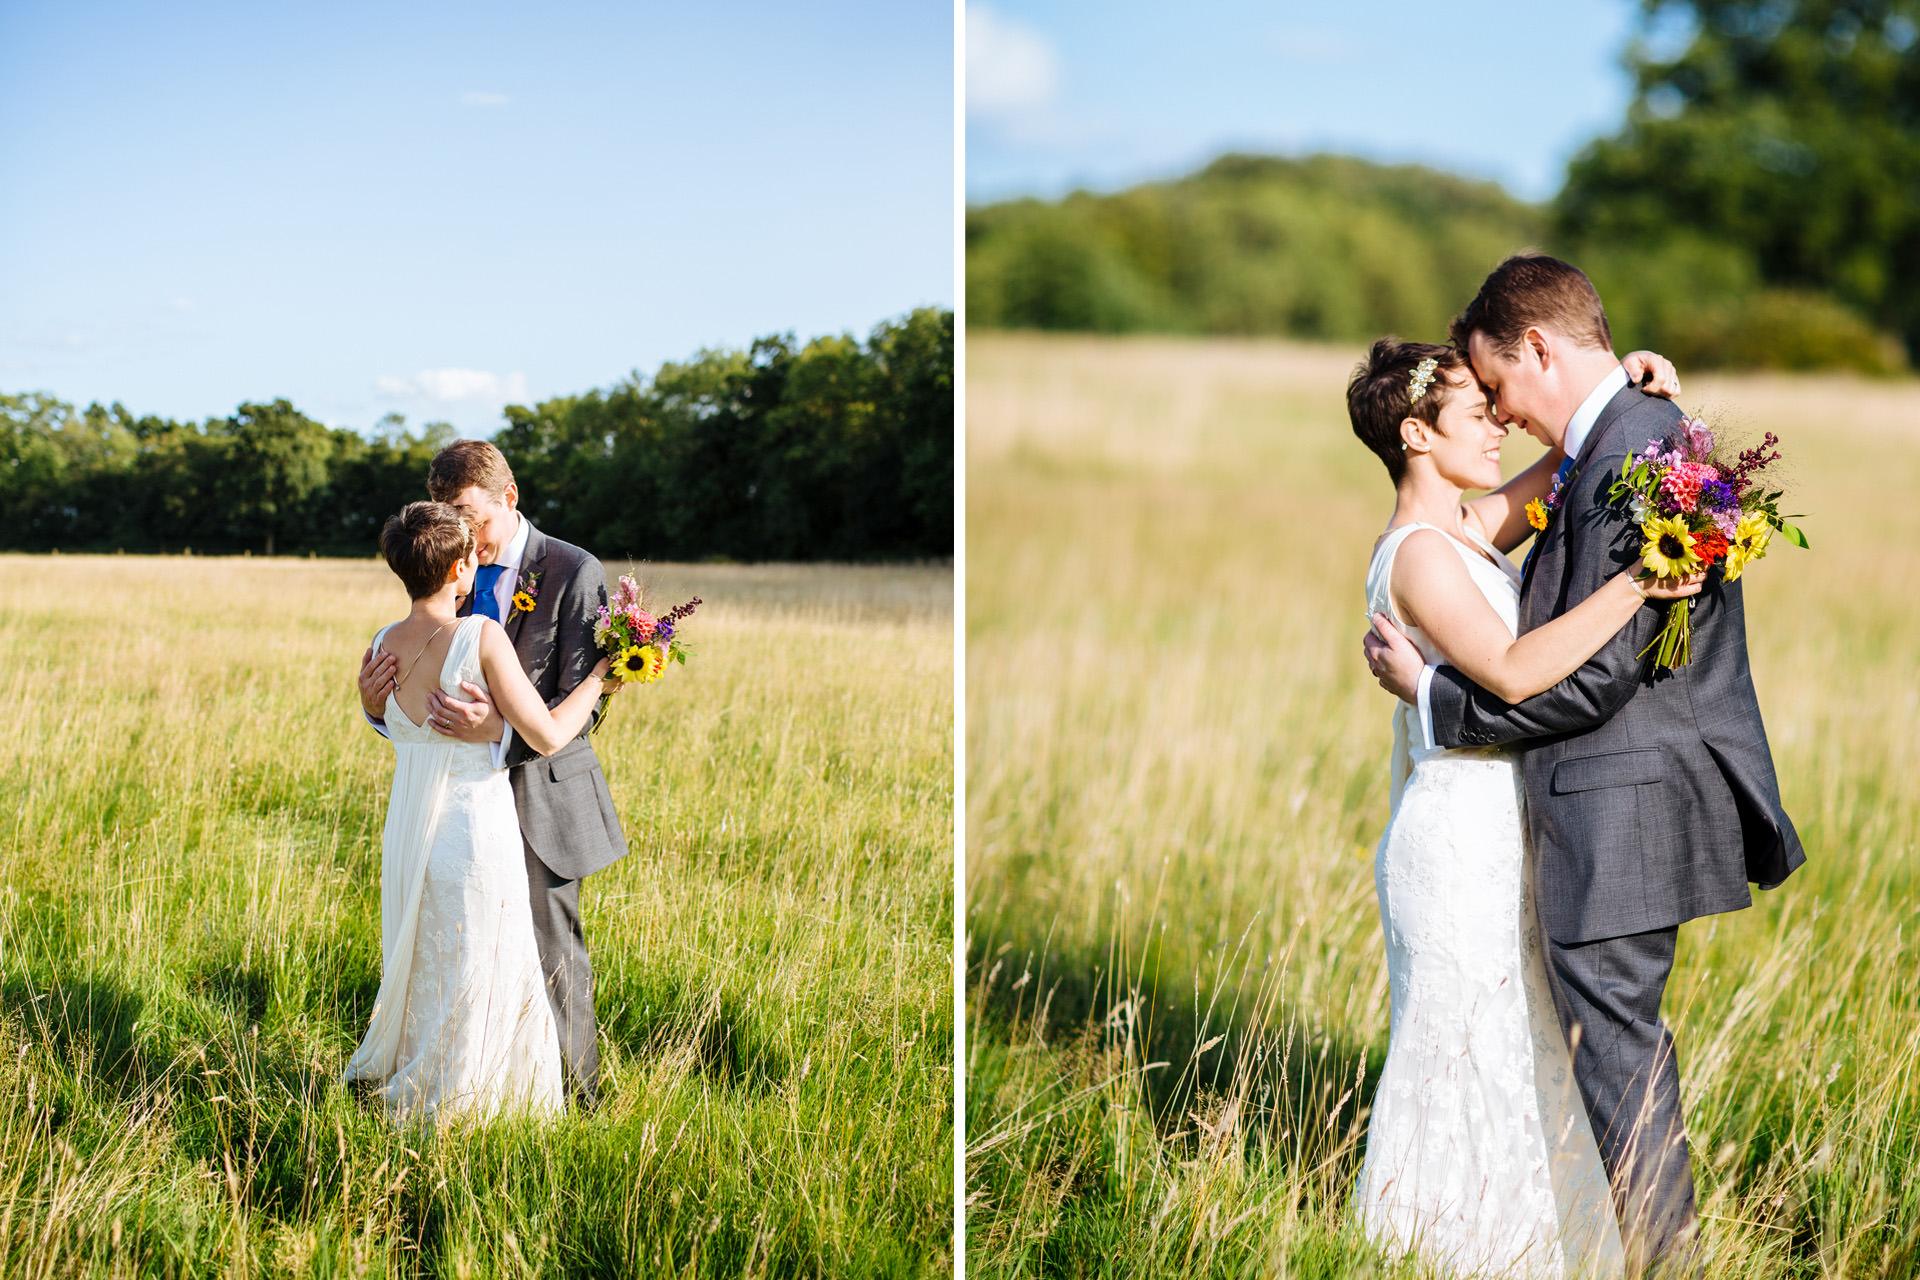 wild meadow wedding